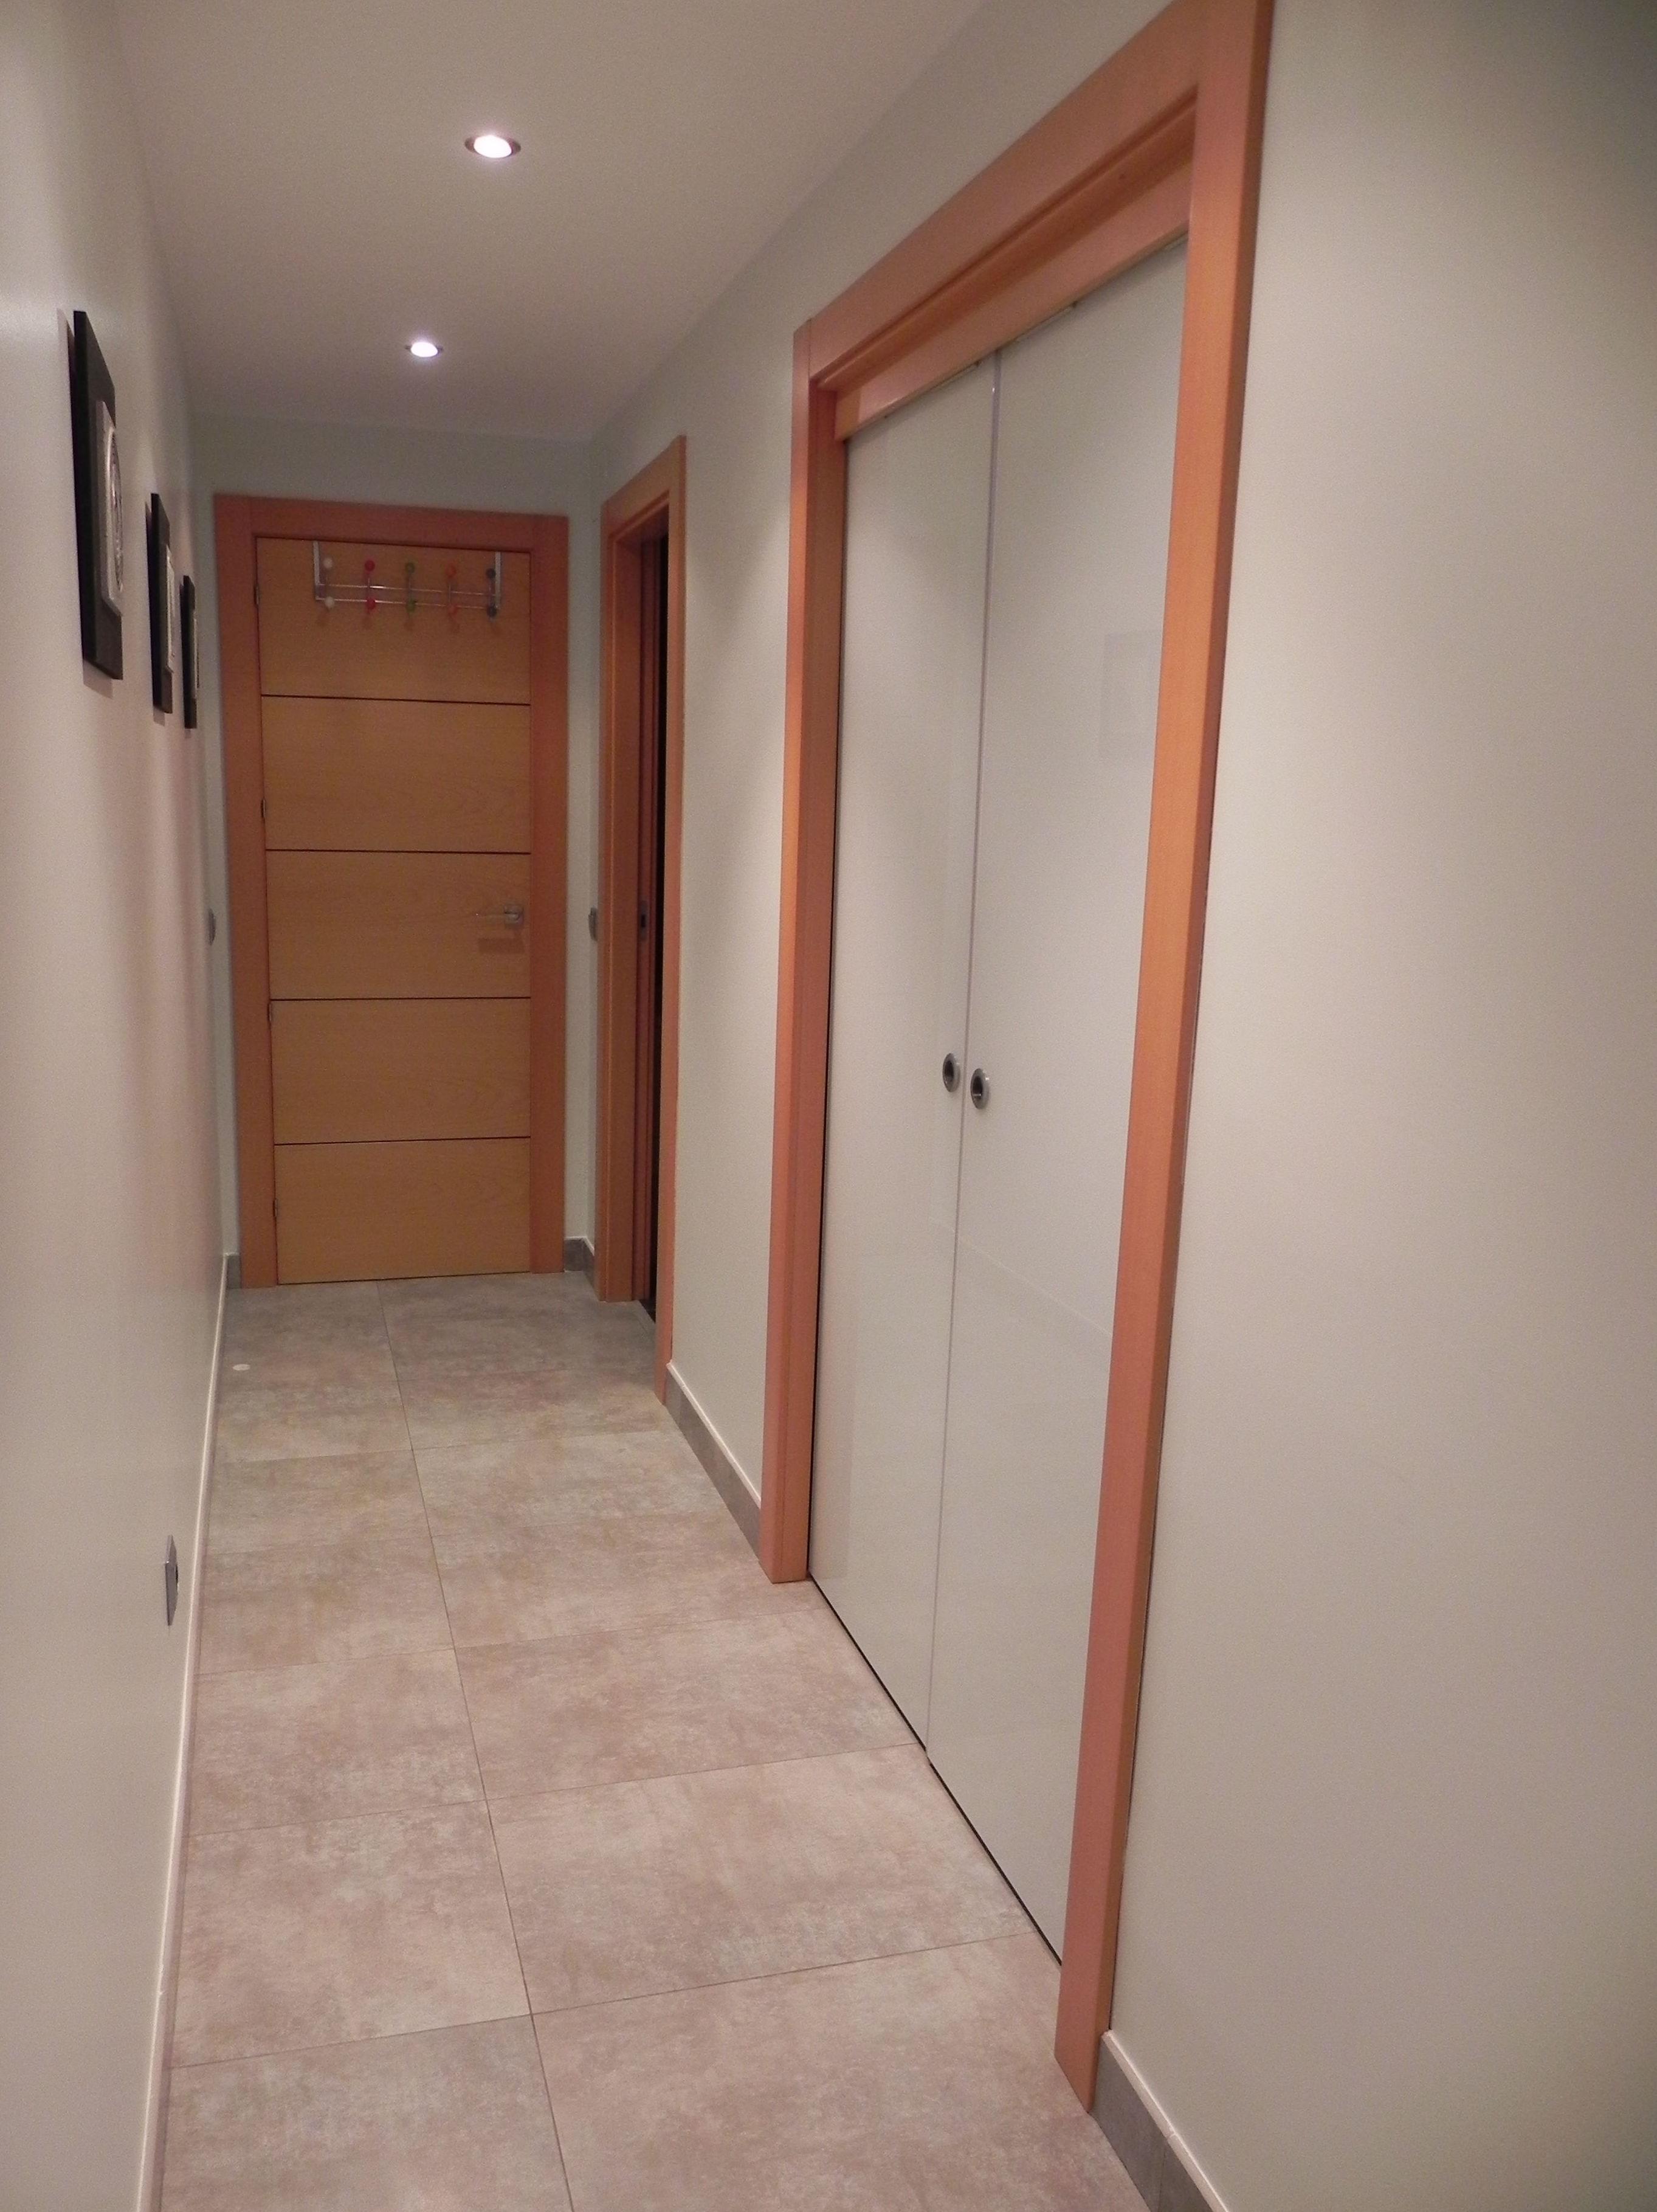 Instalación de puertas correderas